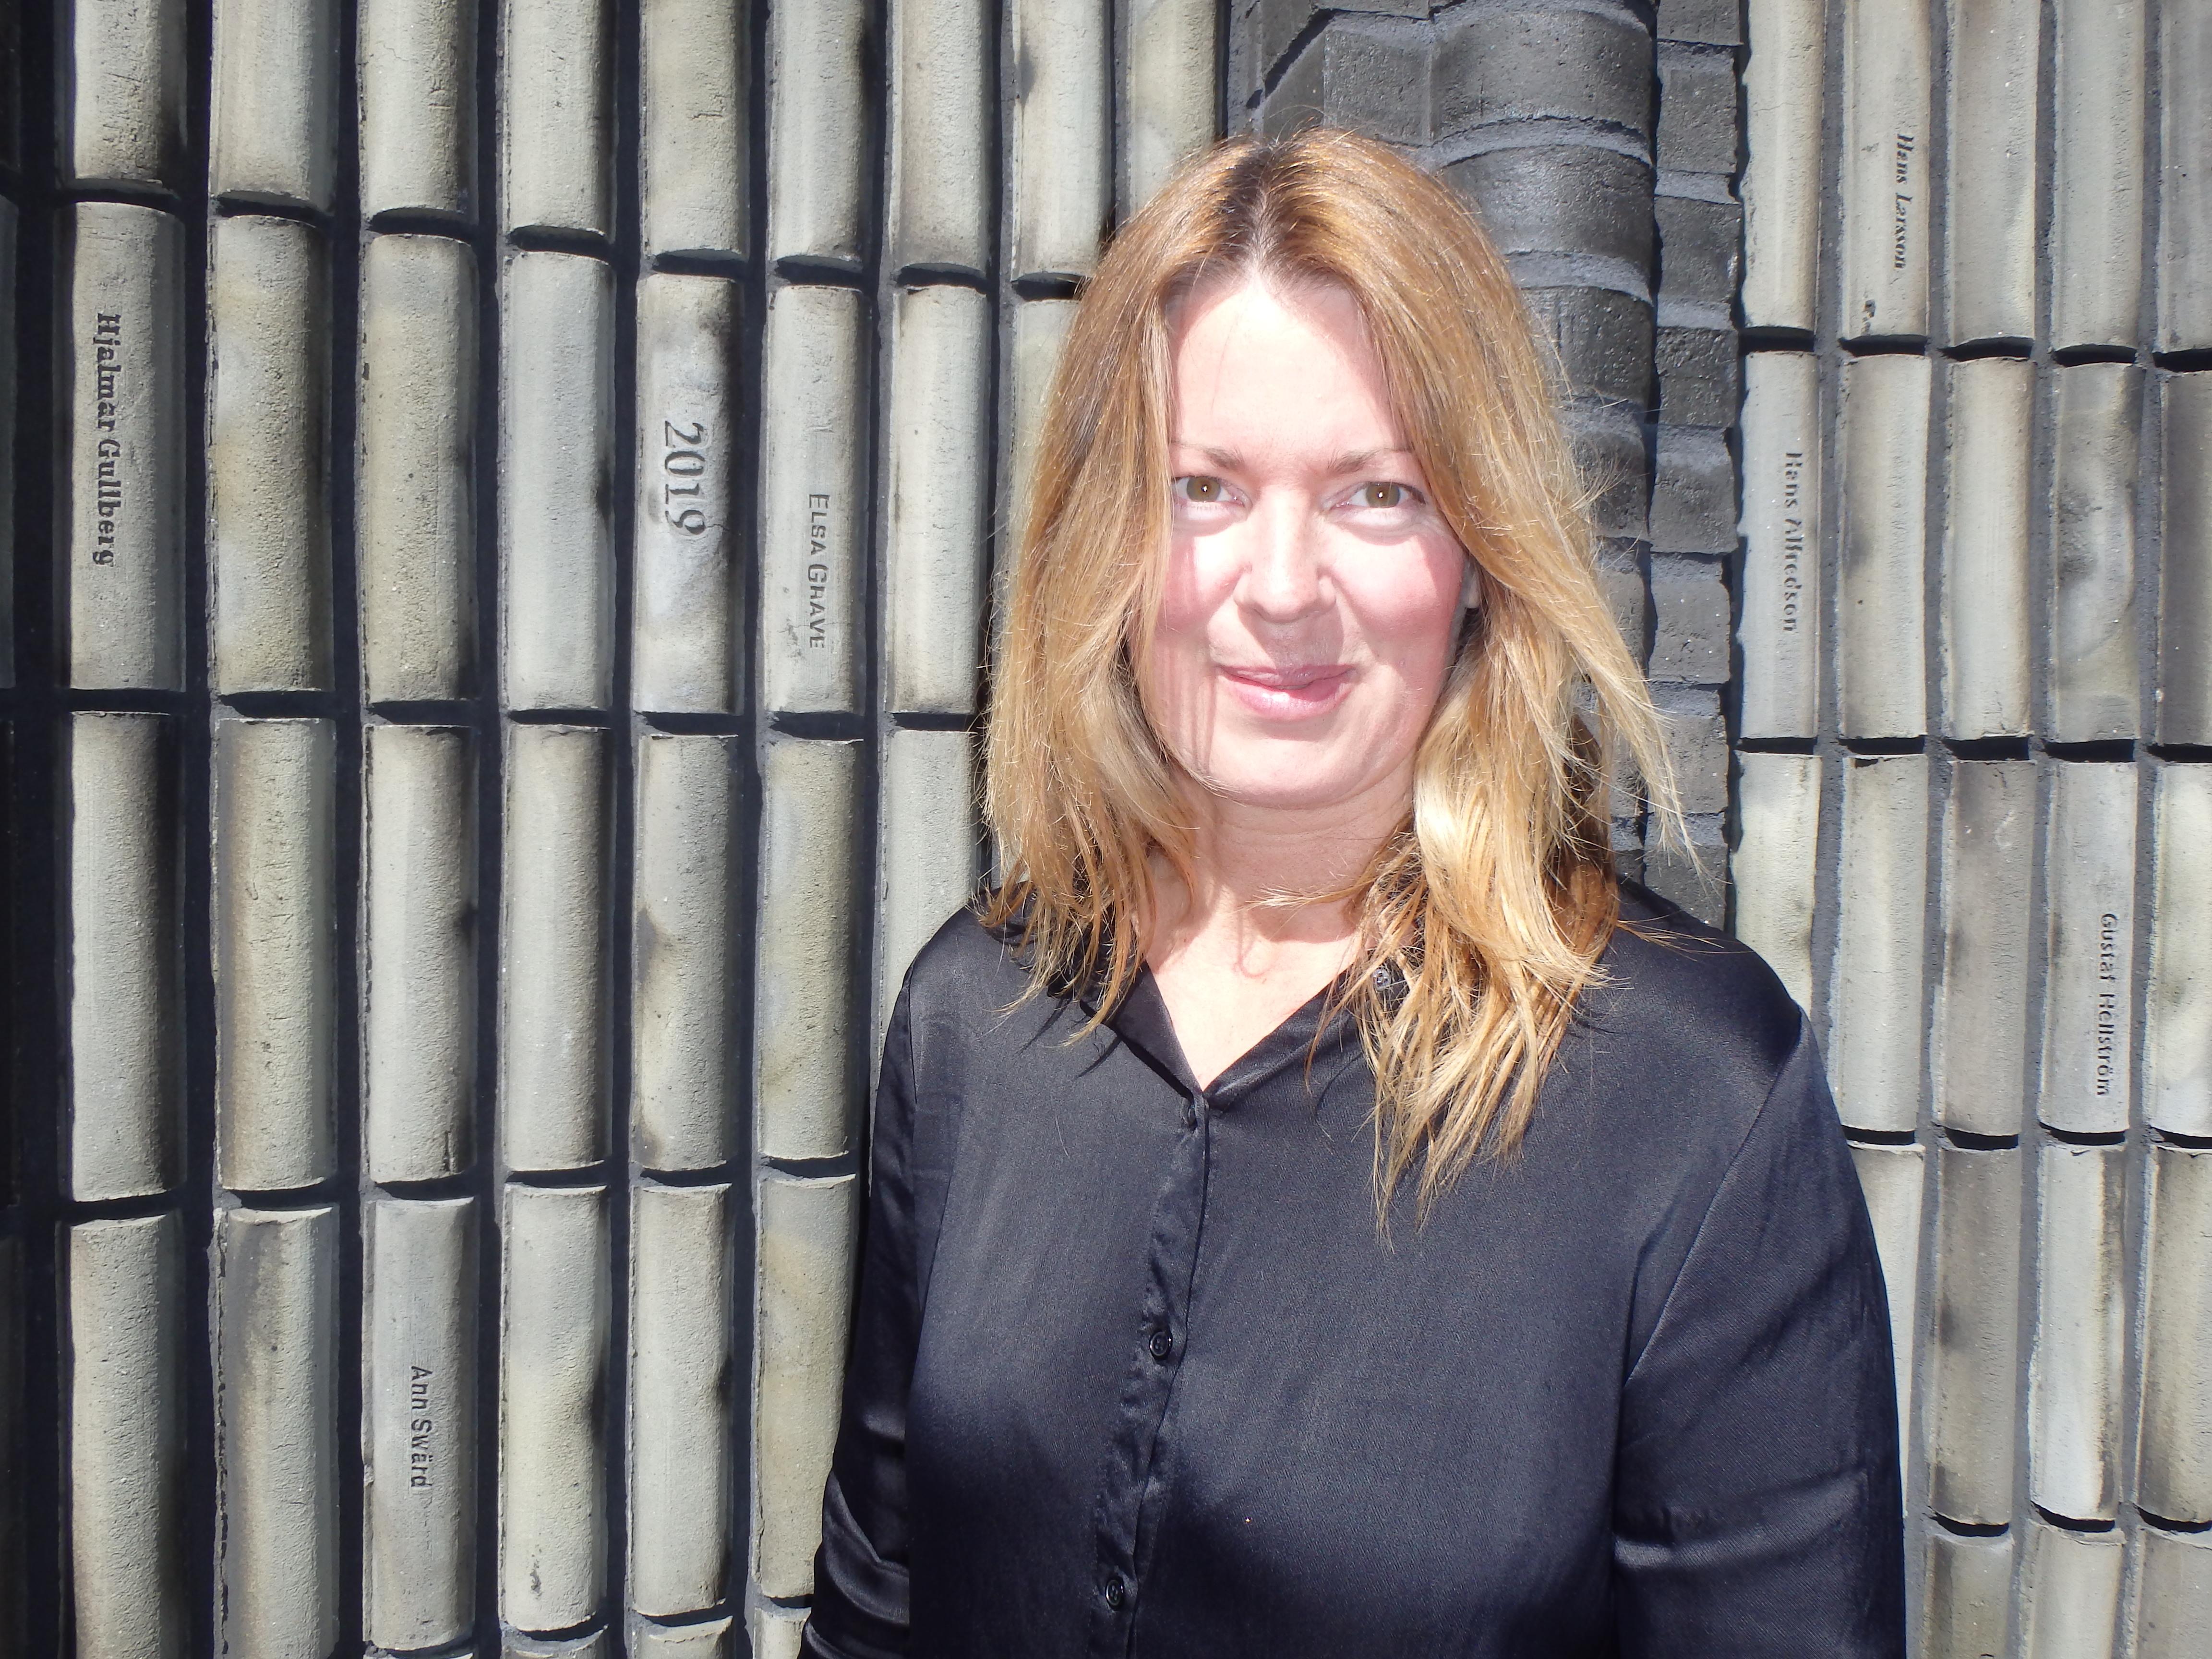 Anne Swärd bredvid boken med hennes namn på ryggen - Foto: Belinda Graham